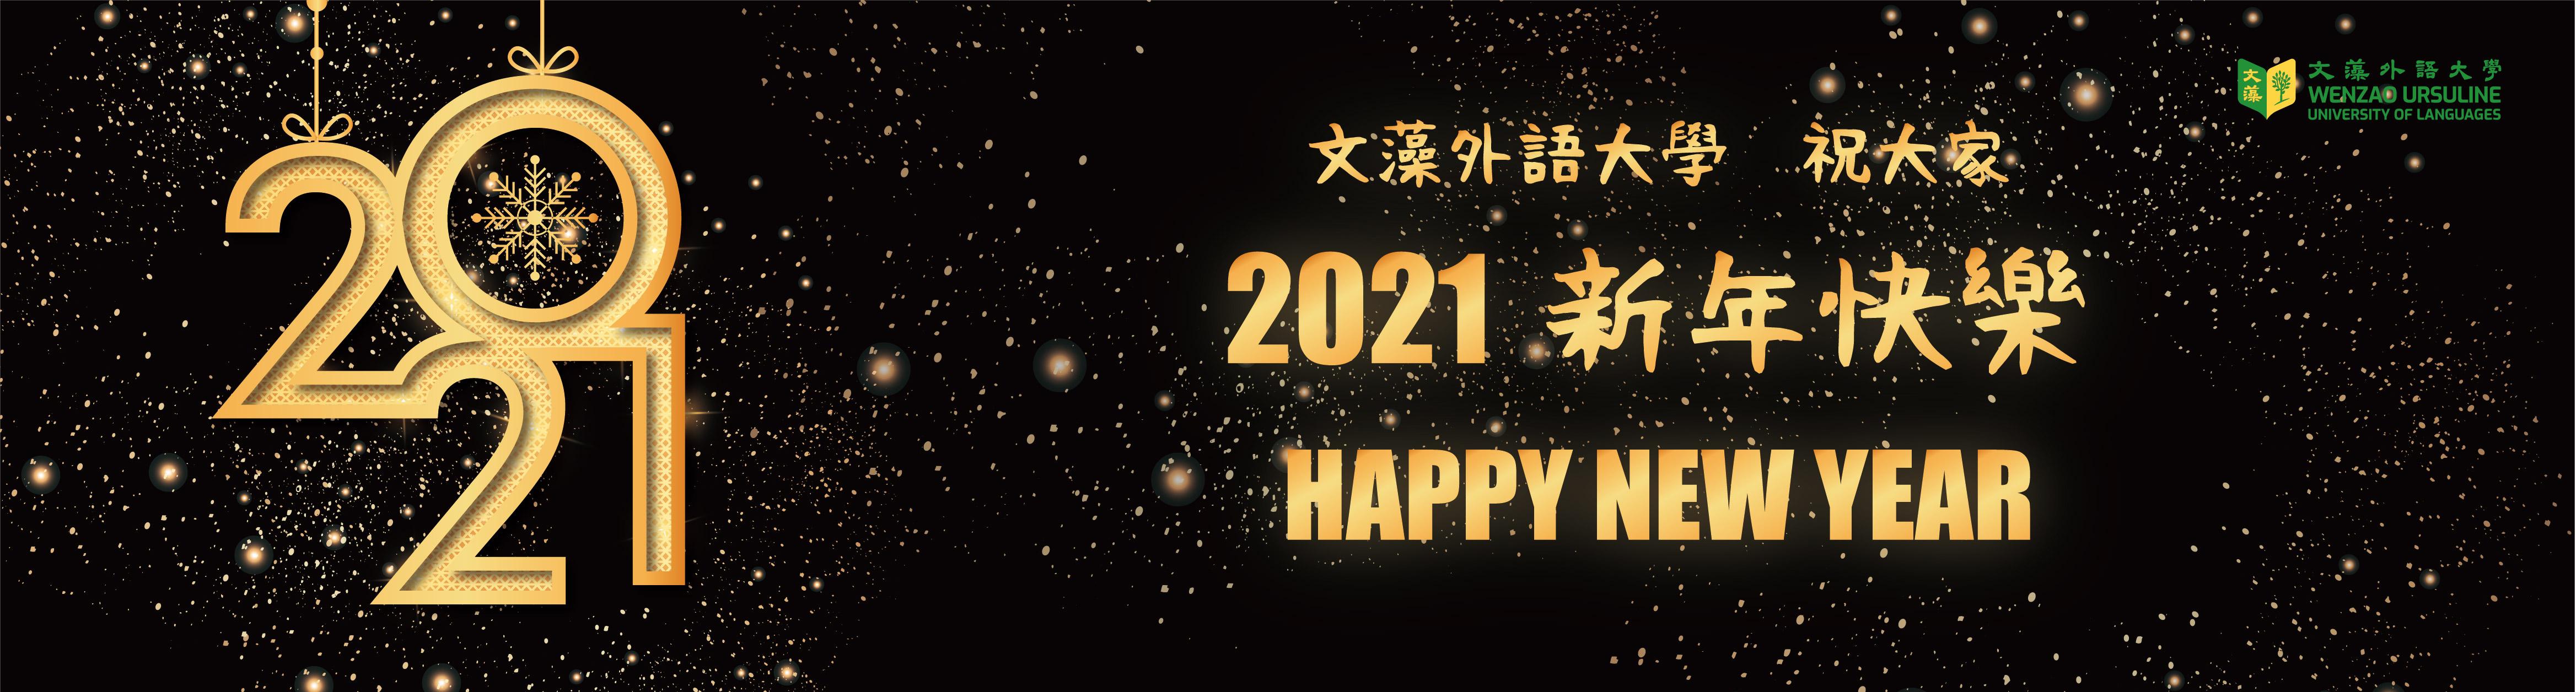 2021新年快樂(另開新視窗)